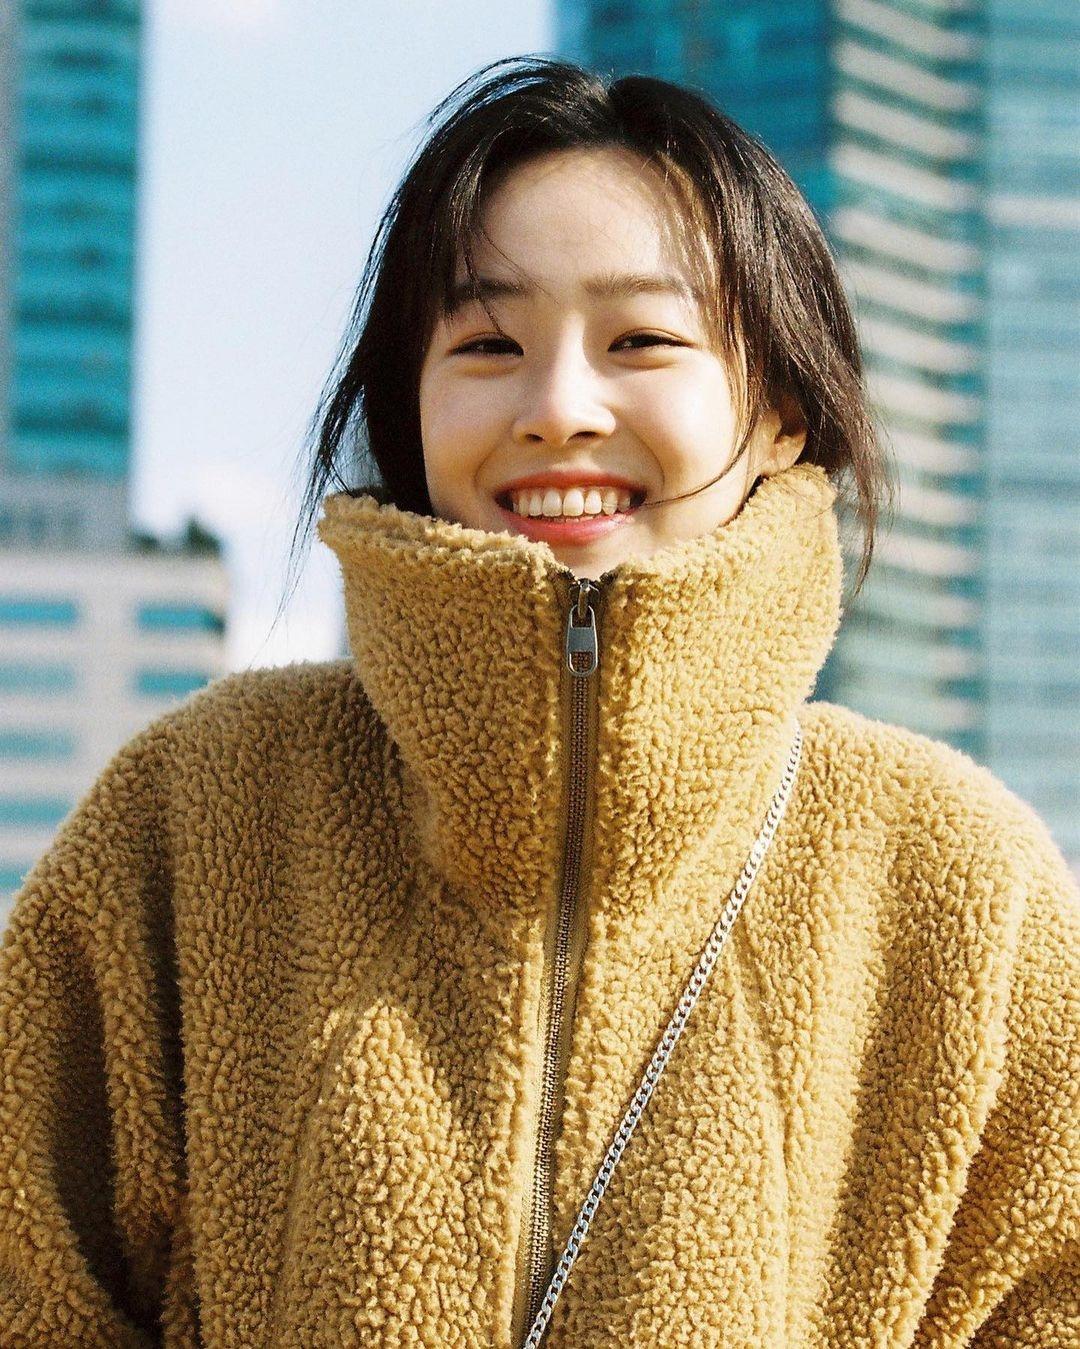 Nhan sac cʋa Choi Ye Bin anҺ 6